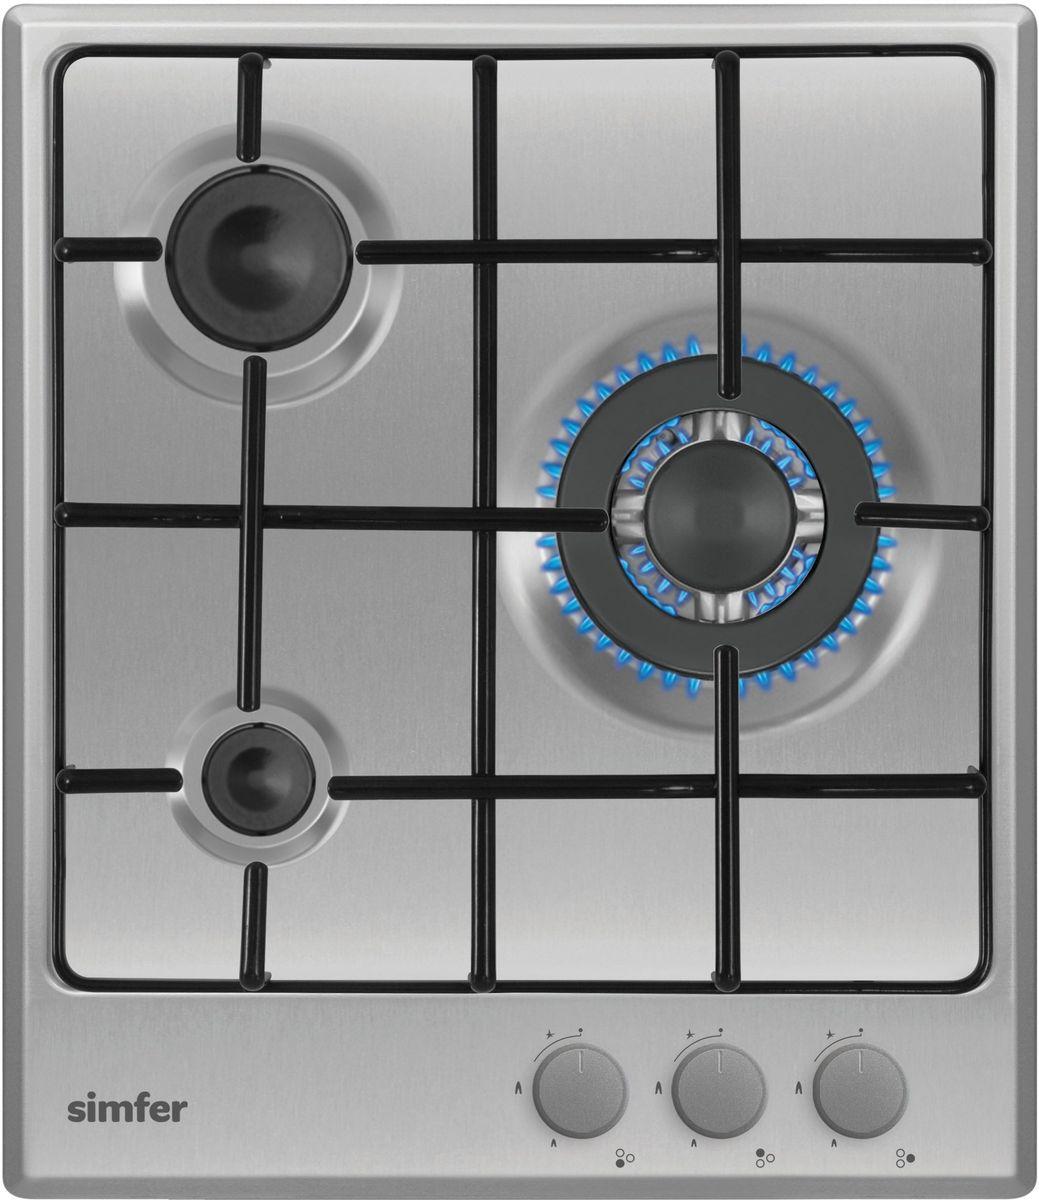 Simfer H45V35M411 панель варочная газоваяH45V35M411Газовая варочная панель Simfer H45V35M411 с чистым пламенем доведет вашу сковороду до нужной температуры без всяких задержек. Включите её и всё днище сковороды будет моментально нагрето.Благодаря идеальному расположению панели управления и индикатора уровня мощности прямо спереди этой варочной панели, любой повар, будь он левша или правша, сможет пользоваться ими с одинаковой лёгкостью.Газовая варочная поверхность Simfer H45V35M411 упрощает приготовление и делает его безопаснее благодаря особой форме подставок, обеспечивающих абсолютную устойчивость посуды.Нет способа быстрее и удобнее для того, чтобы разжечь конфорку, чем автоподжиг варочной панели. Просто поверните ручку, чтобы открыть и зажечь газ одним плавным движением.